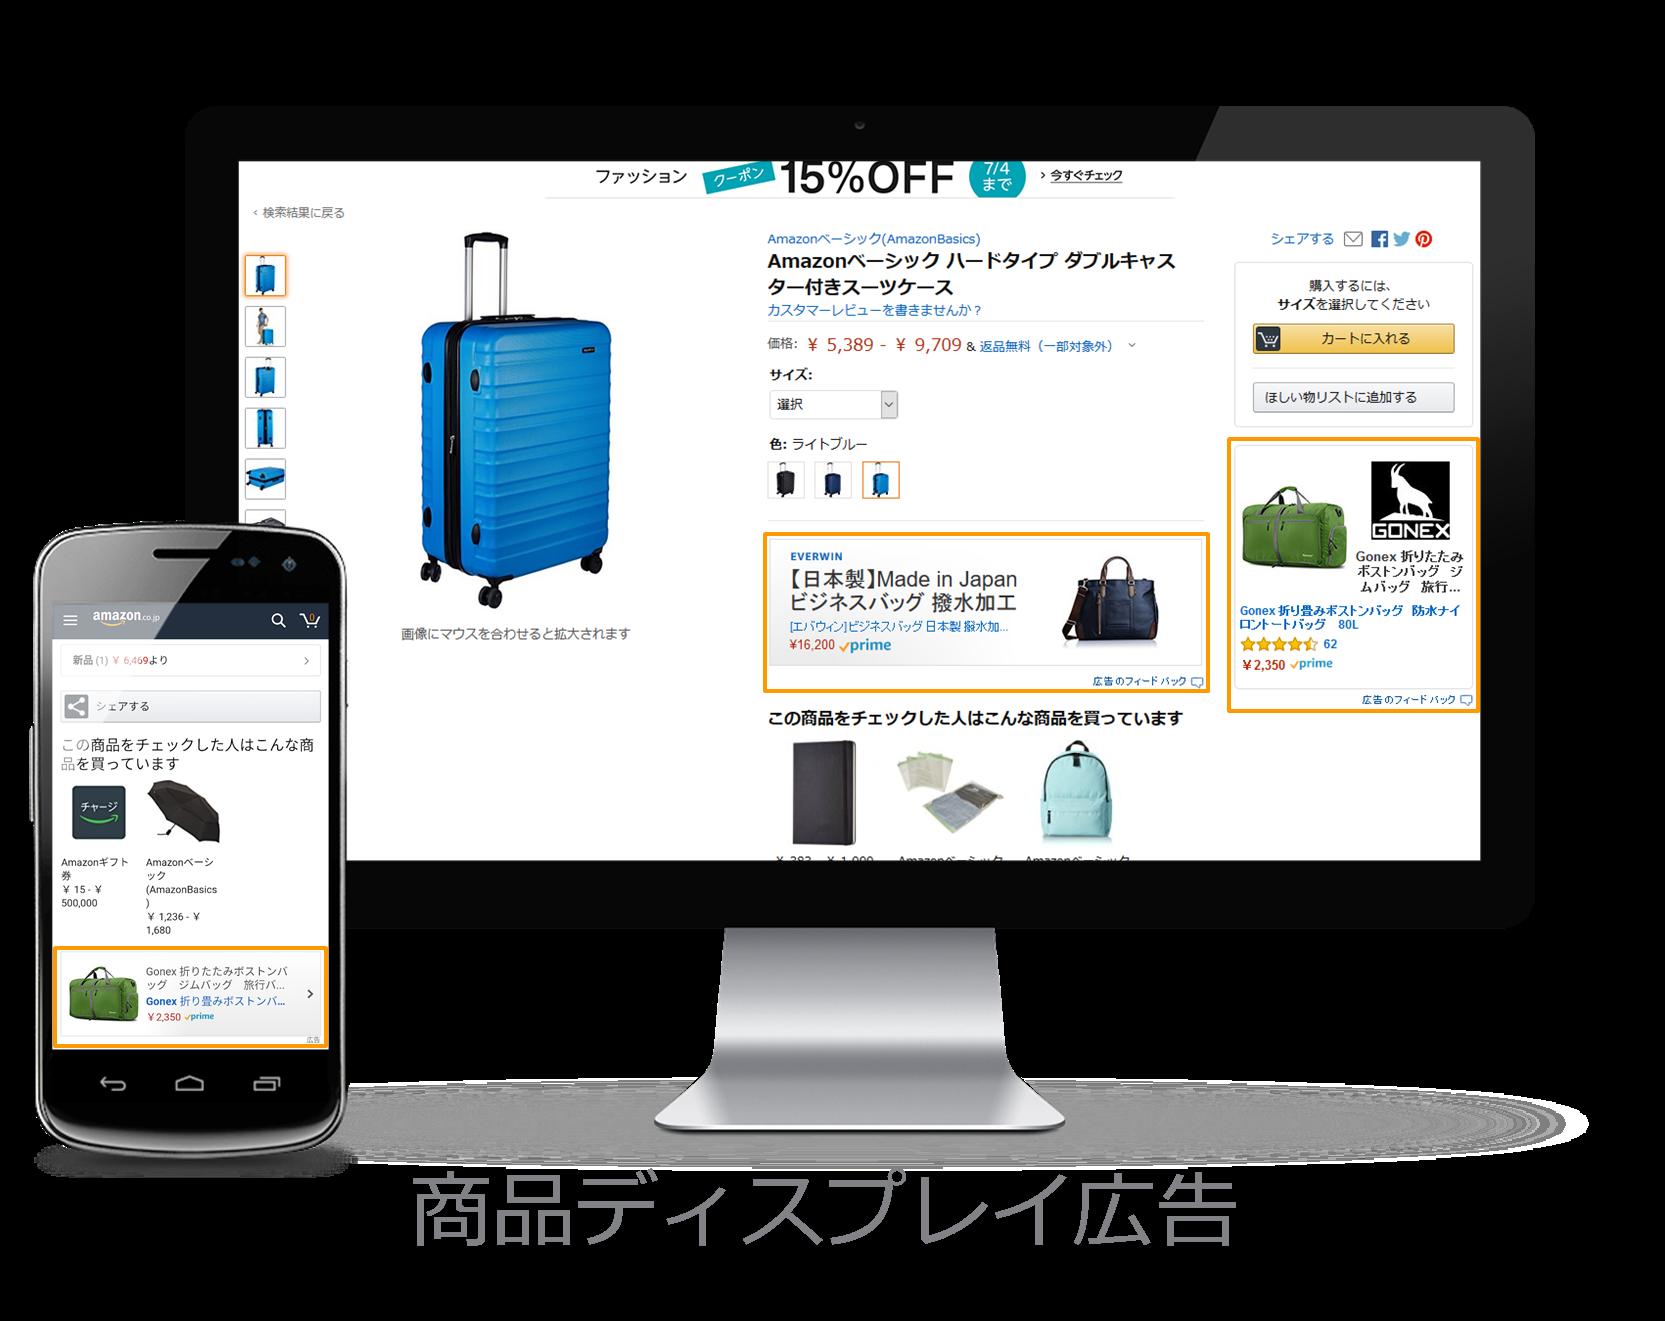 商品ディスプレイ広告